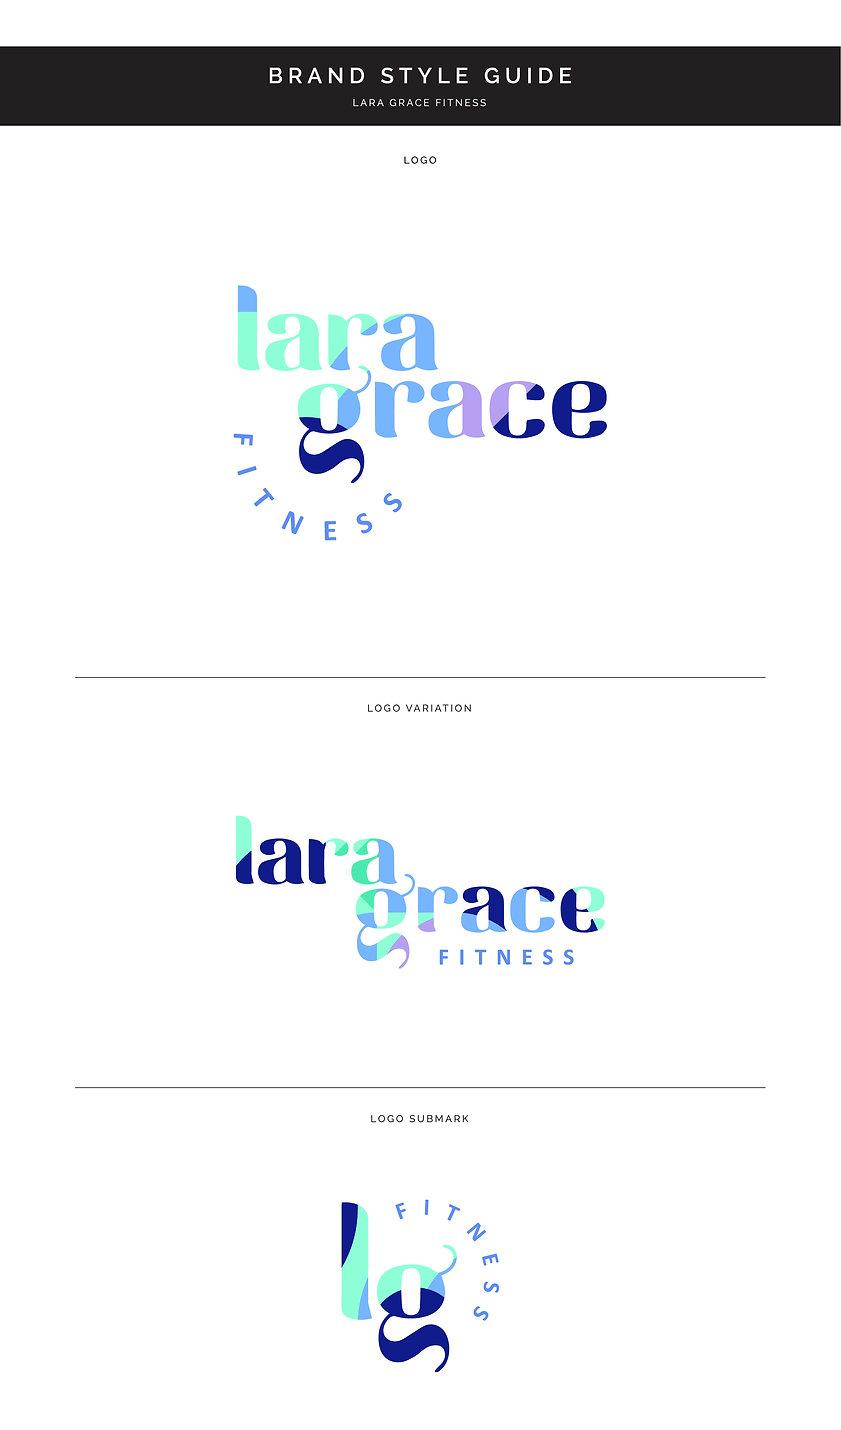 Lara Grace Fitness Style Guide-01.jpg